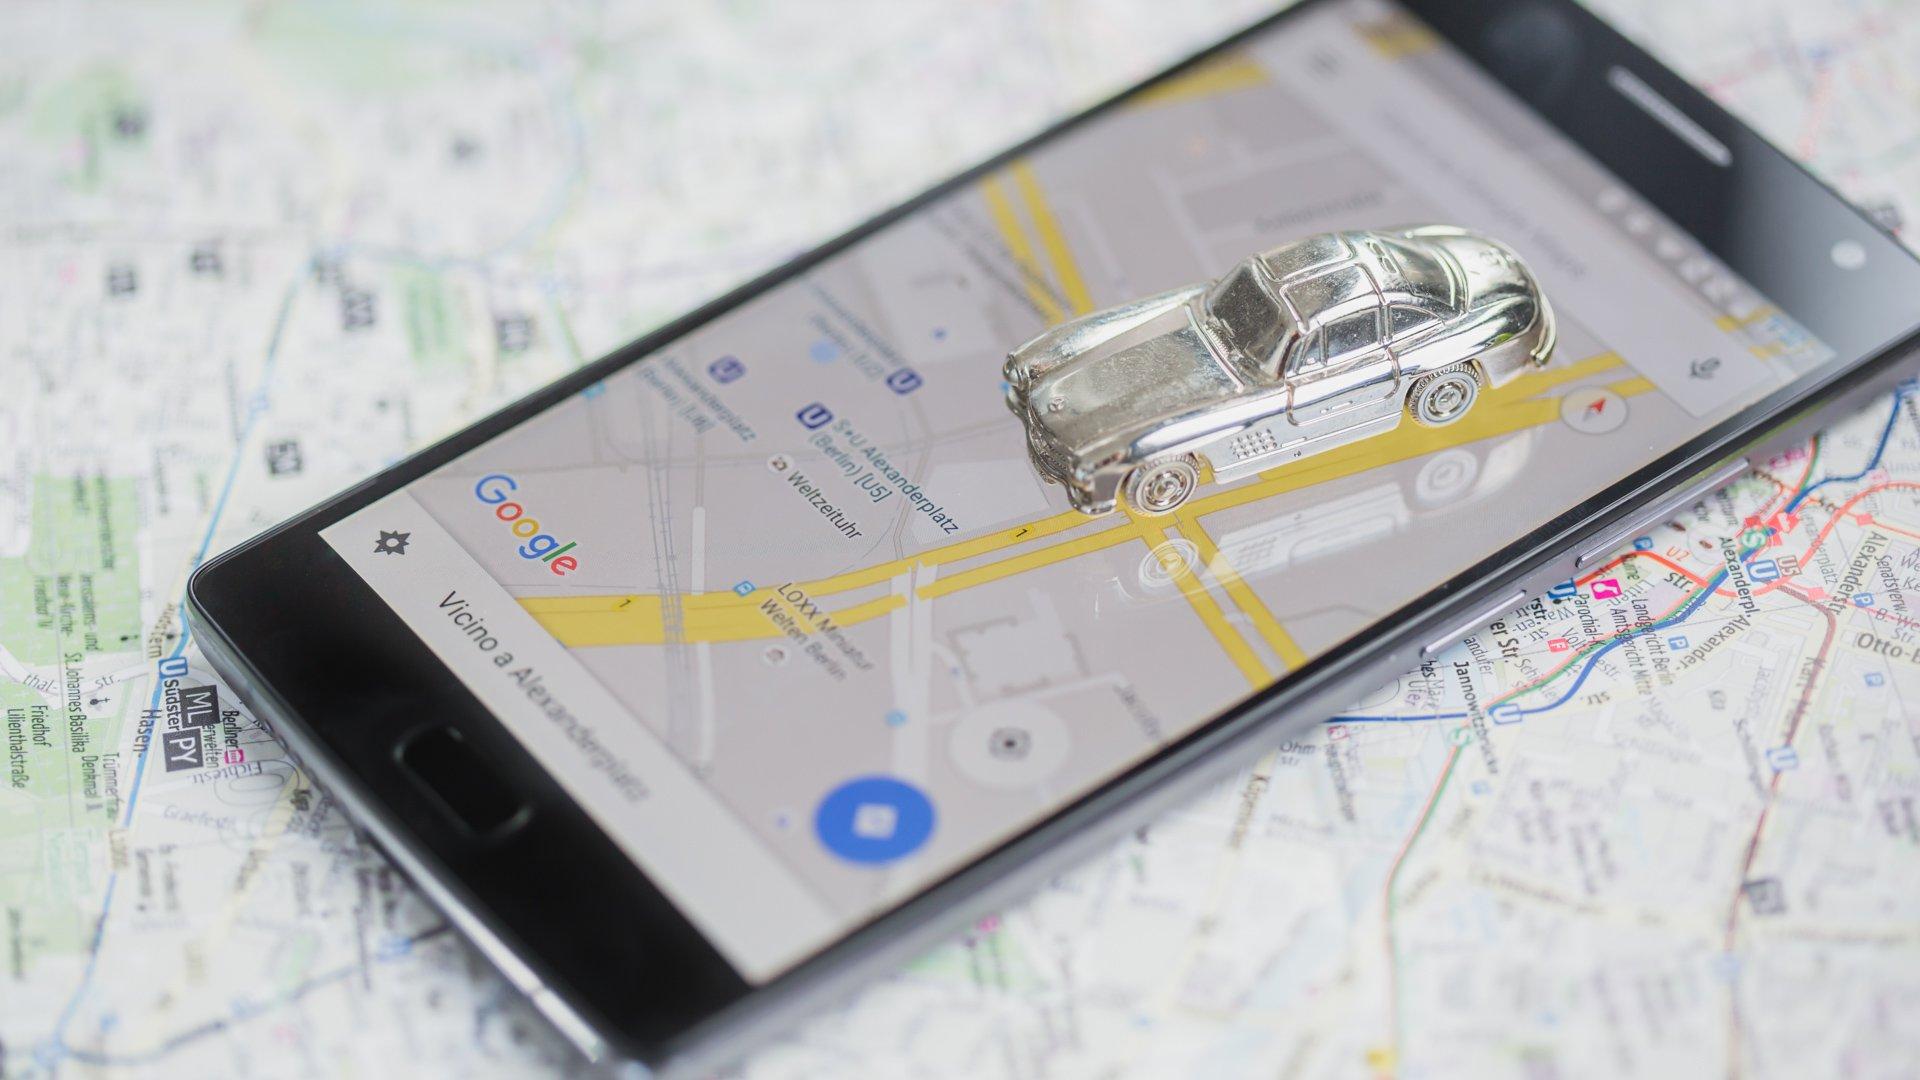 Tutvuge Androidi jaoks parimate võrguühenduseta GPS-rakendustega